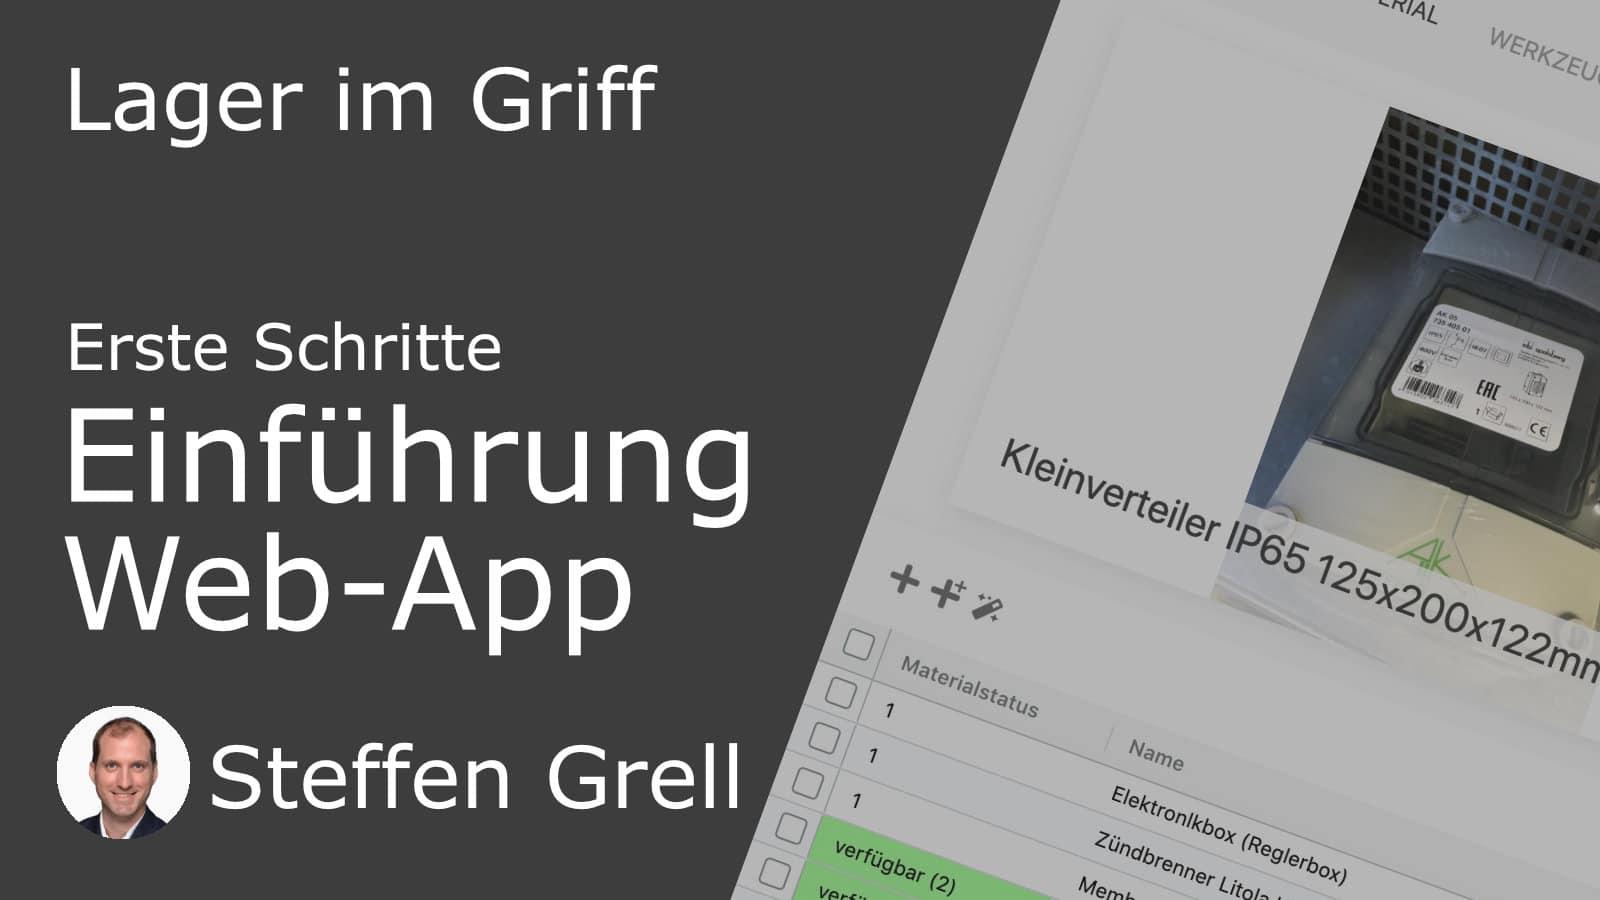 Einführung Web-App